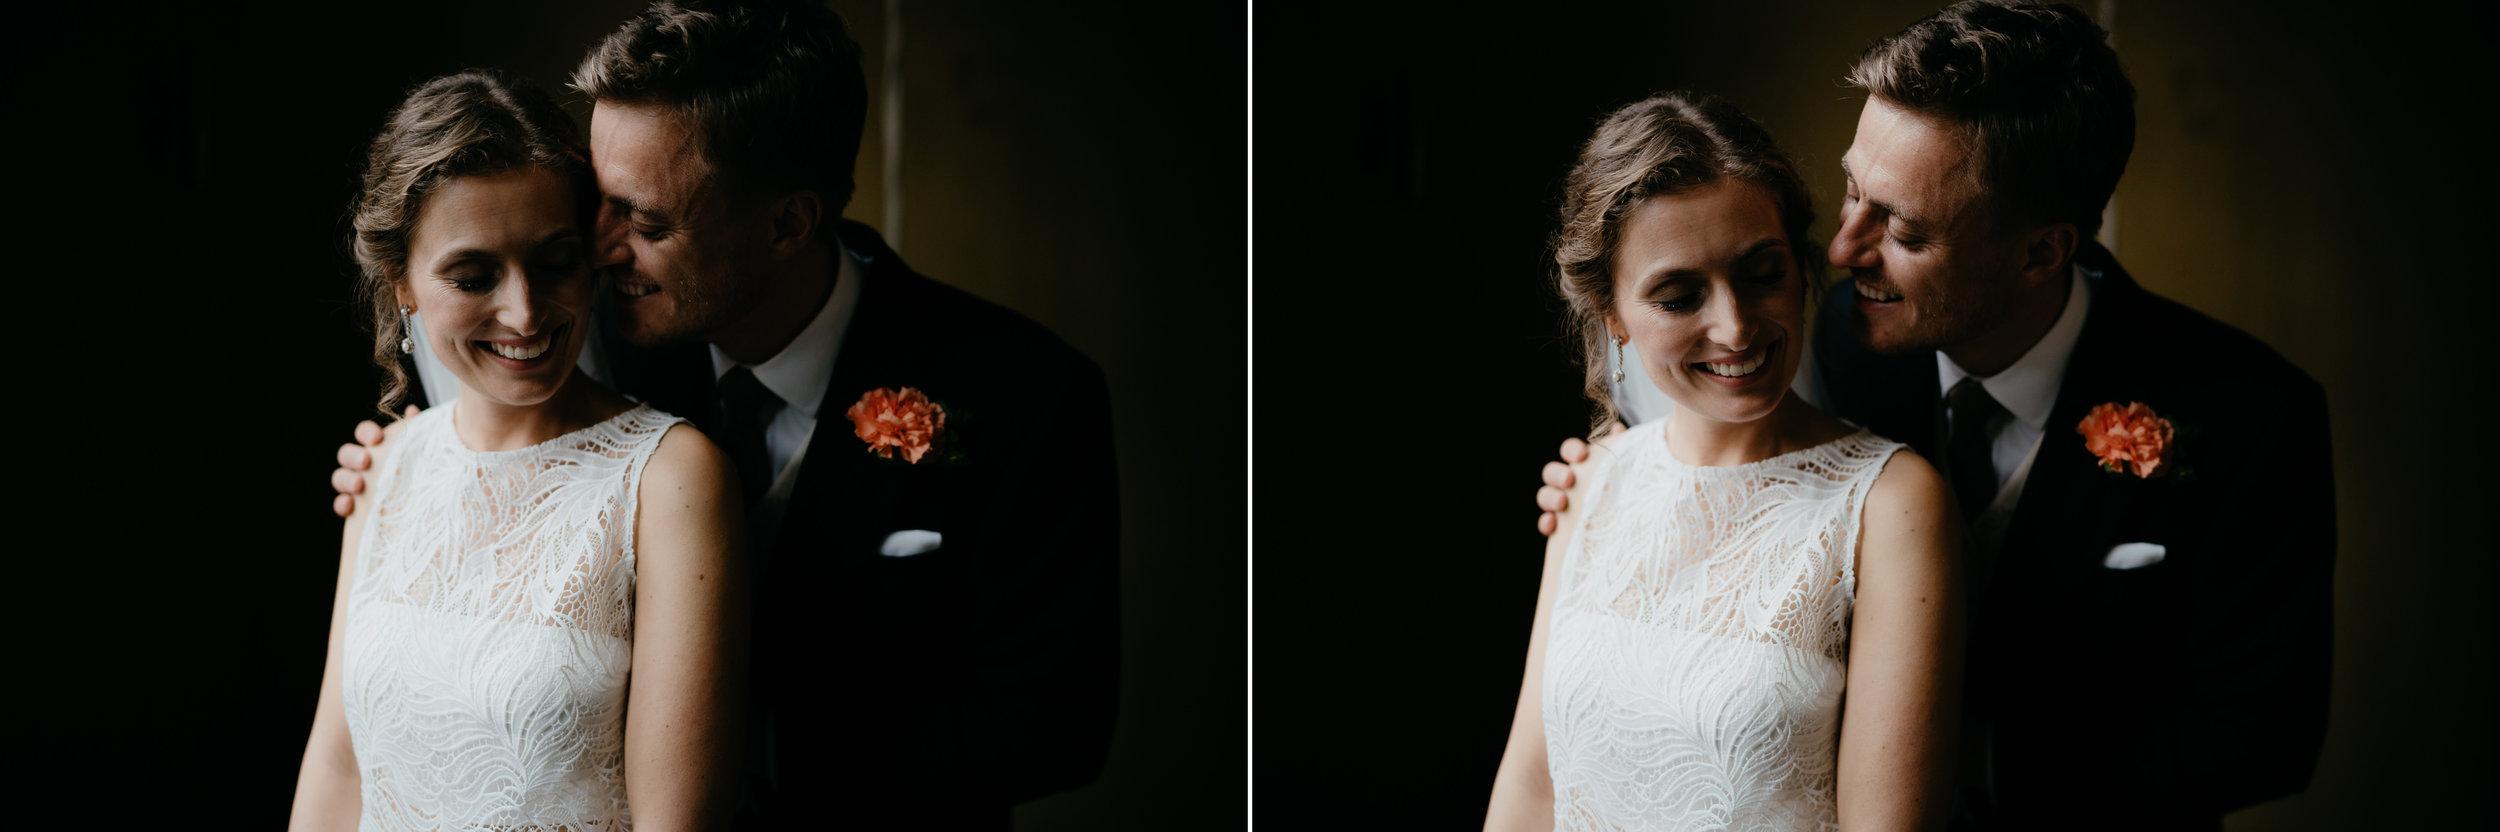 trouwfotografie fotograaf mark hadden amsterdam utrecht dom toren